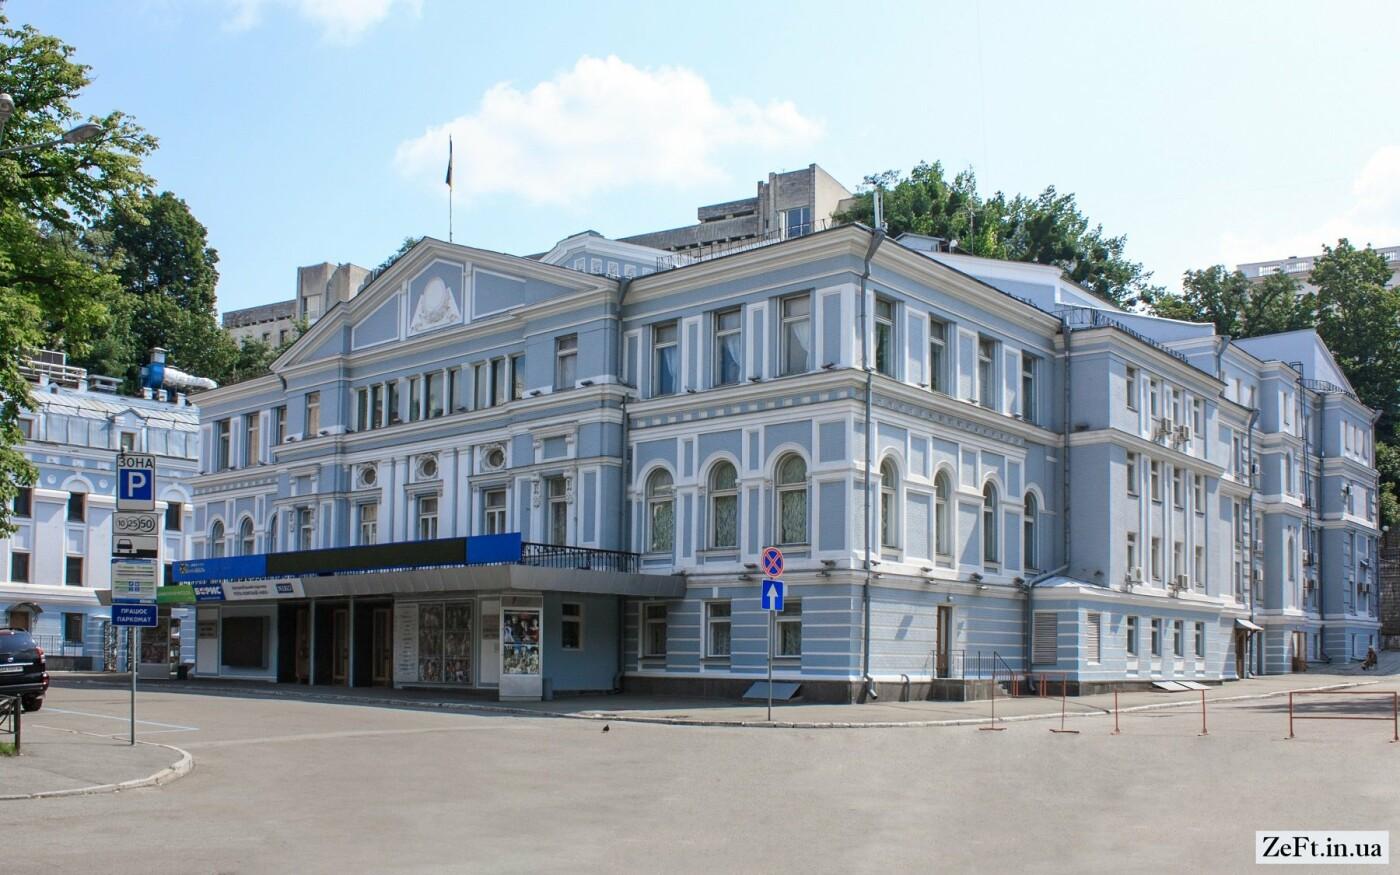 25 самых красивых локаций для фотосессии в Киеве, Фото: ZEFT